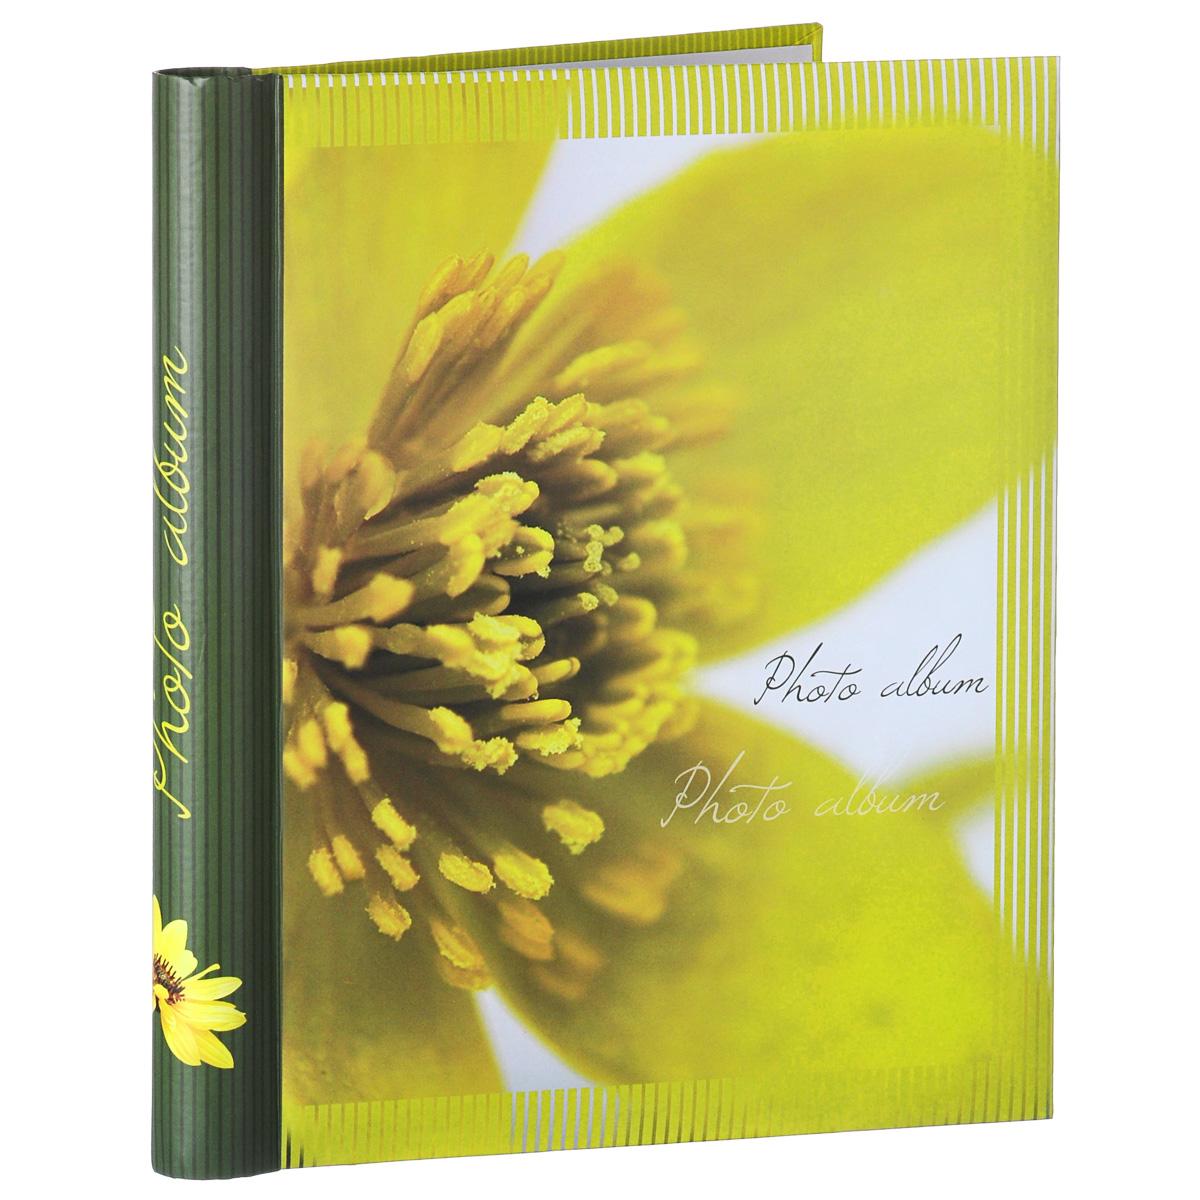 Фотоальбом Феникс-презент Горный цветок, на кольцах, 20 магнитных листов, 24,5 см х 29 см38800Фотоальбом Феникс-презент Горный цветок, изготовленный из картона с клеевым покрытием и пленки ПВХ, сохранит моменты ваших счастливых мгновений на своих страницах! Обложка альбома оформлена ярким изображением цветка. Листы размещены на пластиковых кольцах. Альбом с магнитными листами удобен тем, что он позволяет размещать фотографии разных размеров. Магнитные страницы обладают следующими преимуществами: - Не нужно прикладывать усилий для закрепления фотографий, - Не нужно заботиться о размерах фотографий, так как вы можете вставить в альбом фотографии разных размеров, - Защита фотографий от постоянных прикосновений зрителей с помощью пленки ПВХ.Нам всегда так приятно вспоминать о самых счастливых моментах жизни, запечатленных на фотографиях. Поэтому фотоальбом является универсальным подарком к любому празднику. Вашим родным, близким и просто знакомым будет приятно помещать фотографии в этот альбом.Количество листов: 20 шт.